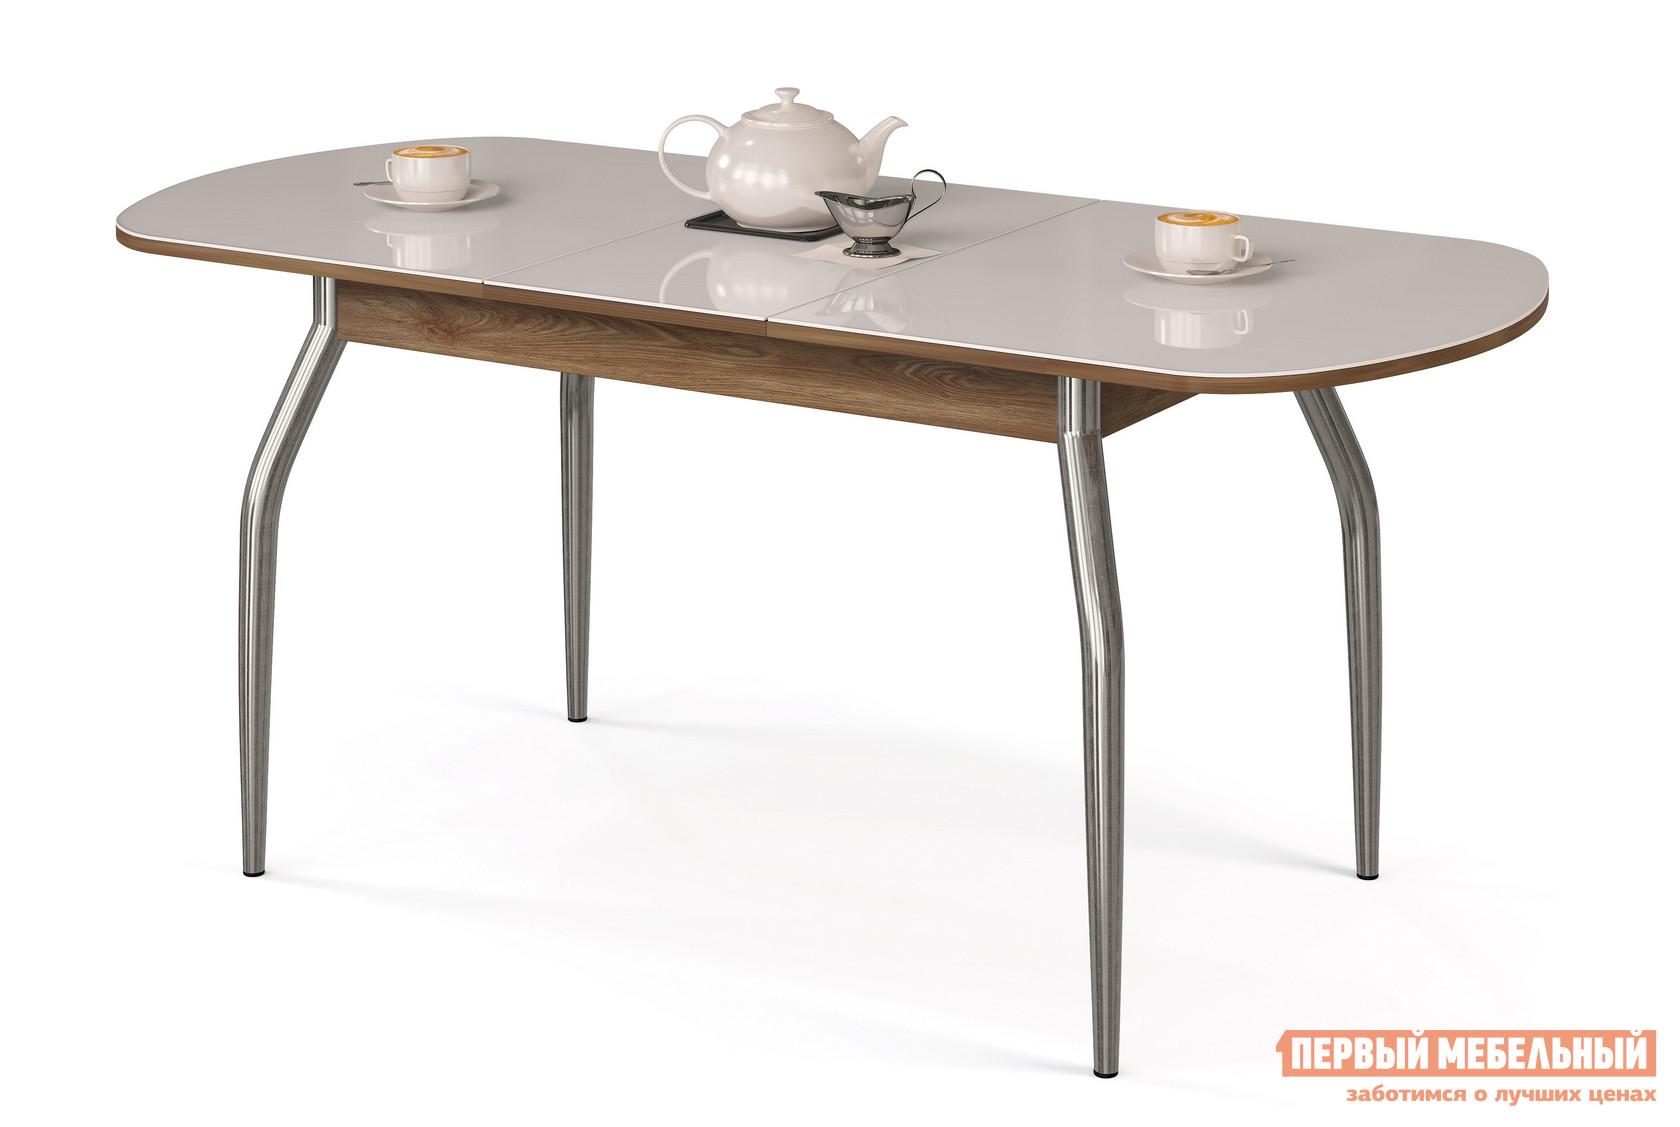 Кухонный стол МегаЭлатон Сиена-Стекло Белый, Венге италияКухонные столы<br>Габаритные размеры ВхШхГ 750x1340 / 1740x750 мм. Раздвижной обеденный стол со стеклянной накладкой на столешнице.  Металлические ножки слегка изогнуты, что делает конструкцию более изящной.  Для легкости раздвижения стола использован практичный шариковый механизм. Размер стола:В собранном виде (ВхШхГ): 750 х 1340 х 750 мм;В разложенном виде (ВхШхГ): 750 х 1740 х 750 мм;Ножки выполнены и хромированной металлической трубы.  Столешница изготовлена из ЛДСП толщиной 18 мм.  Торцевые части деталей облицованы кромкой ПВХ толщиной 2 мм.  Стеклянная накладка имеет толщину 4 мм.  Обратите внимание! Перед оформлением заказа необходимо выбрать подходящий вам вариант столешницы и стеклянной накладки.  Центральная часть столешницы стеклом не покрывается.<br><br>Цвет: Белый<br>Высота мм: 750<br>Ширина мм: 1340 / 1740<br>Глубина мм: 750<br>Кол-во упаковок: 1<br>Форма поставки: В разобранном виде<br>Срок гарантии: 12 месяцев<br>Тип: Раздвижные<br>Тип: Трансформер<br>Материал: Дерево<br>Материал: Стекло<br>Материал: ЛДСП<br>Материал: МДФ<br>Форма: Овальные<br>Размер: Большие<br>С металлическими ножками: Да<br>Глянцевые: Да